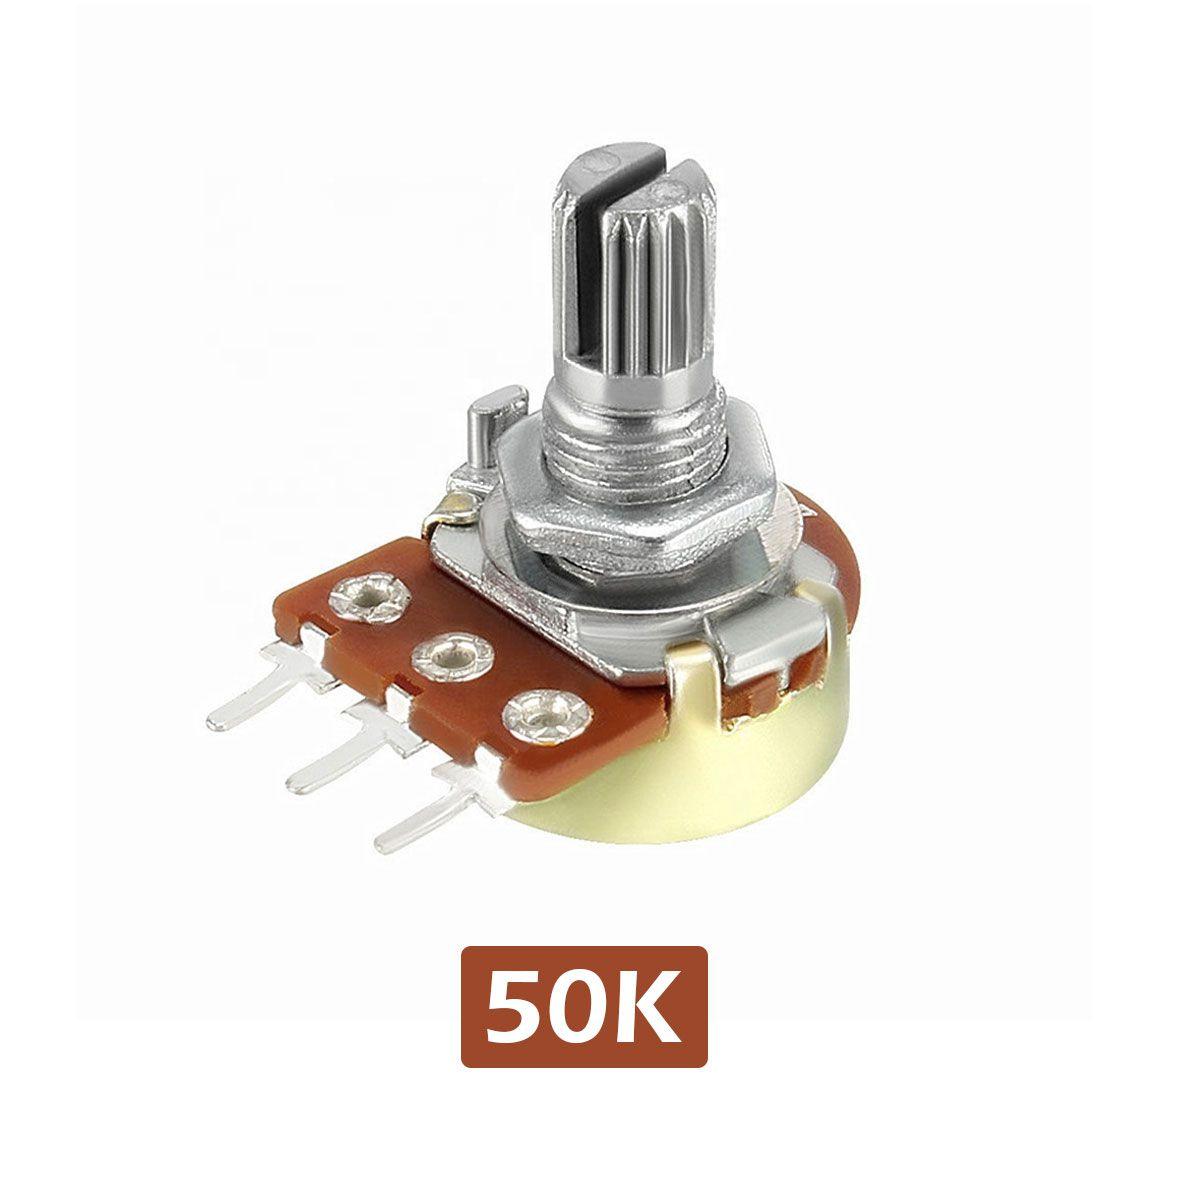 Potenciômetro 50k Linear Estriado 16.9mm Wh148 B50k